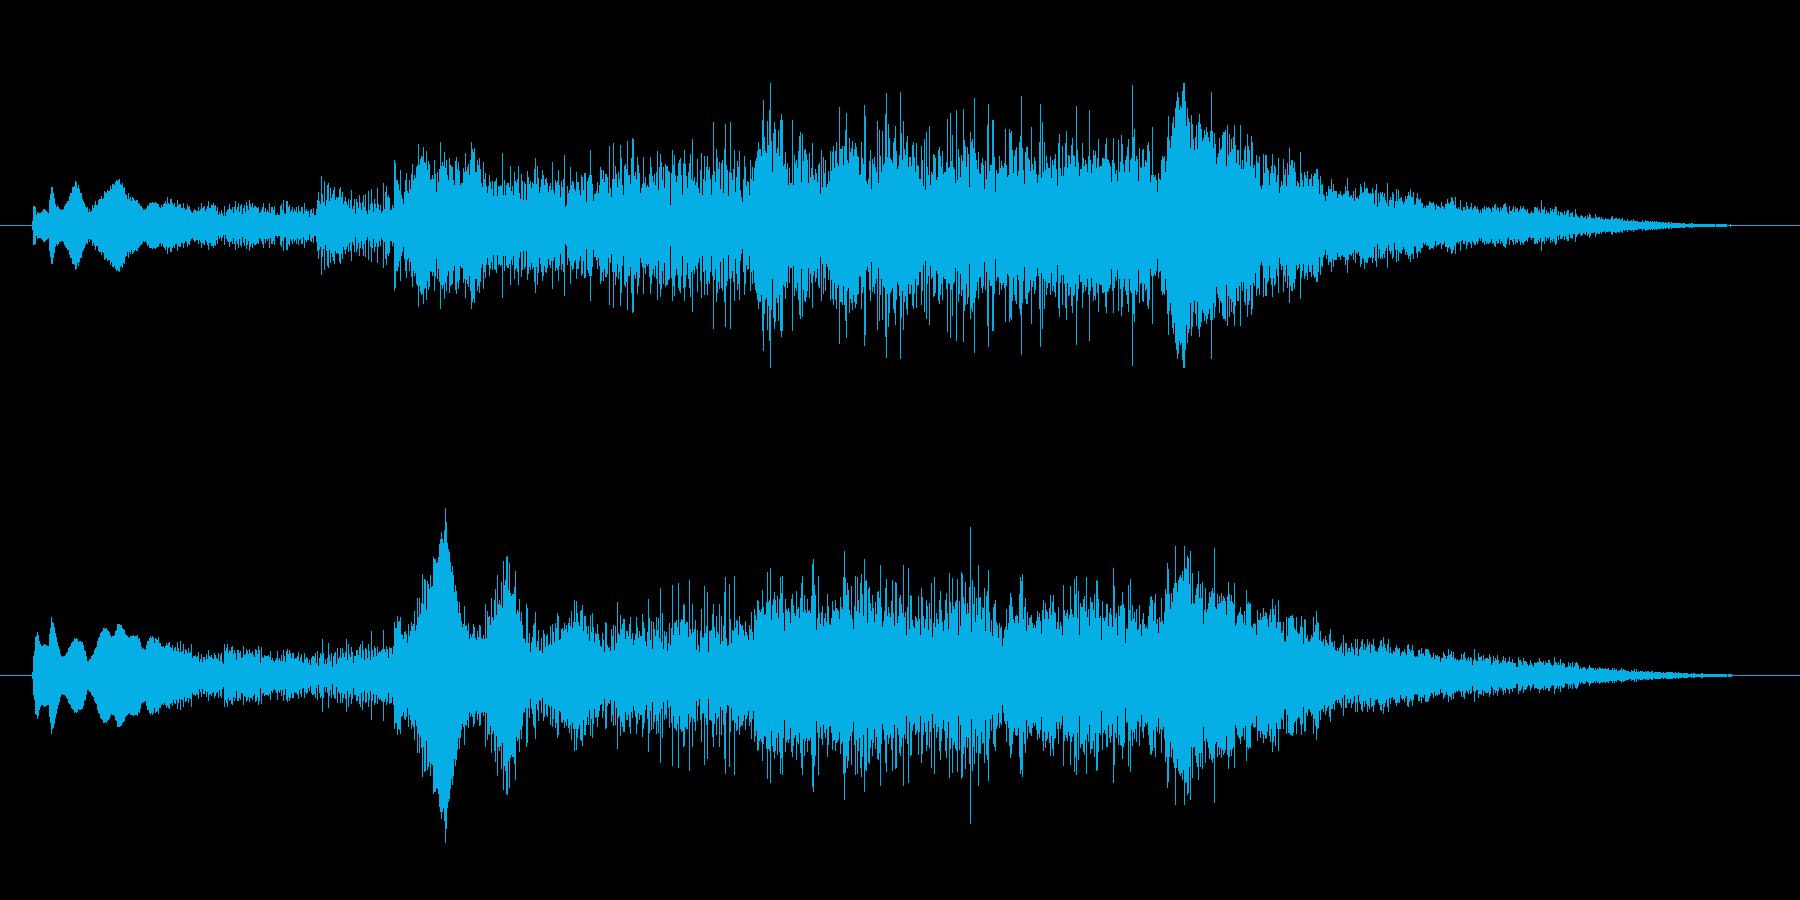 朝の爽やかさを思わせるサウンドロゴの再生済みの波形